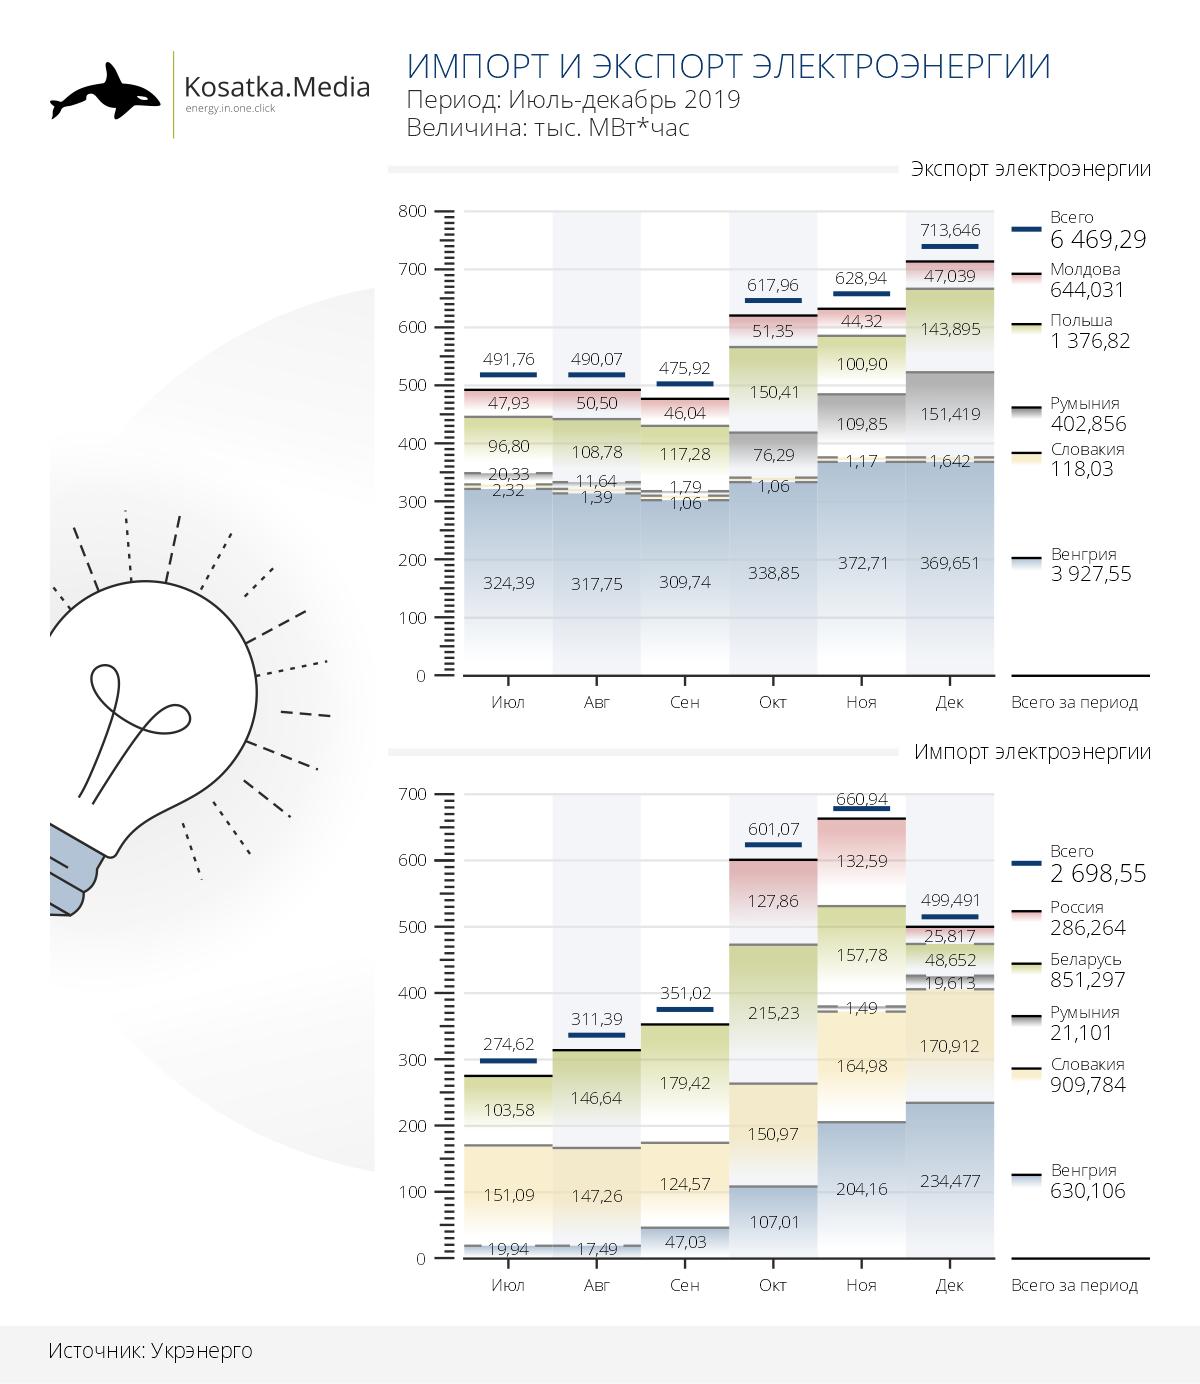 Експорт електроенергії з України зріс в 2019 році на 4,9%